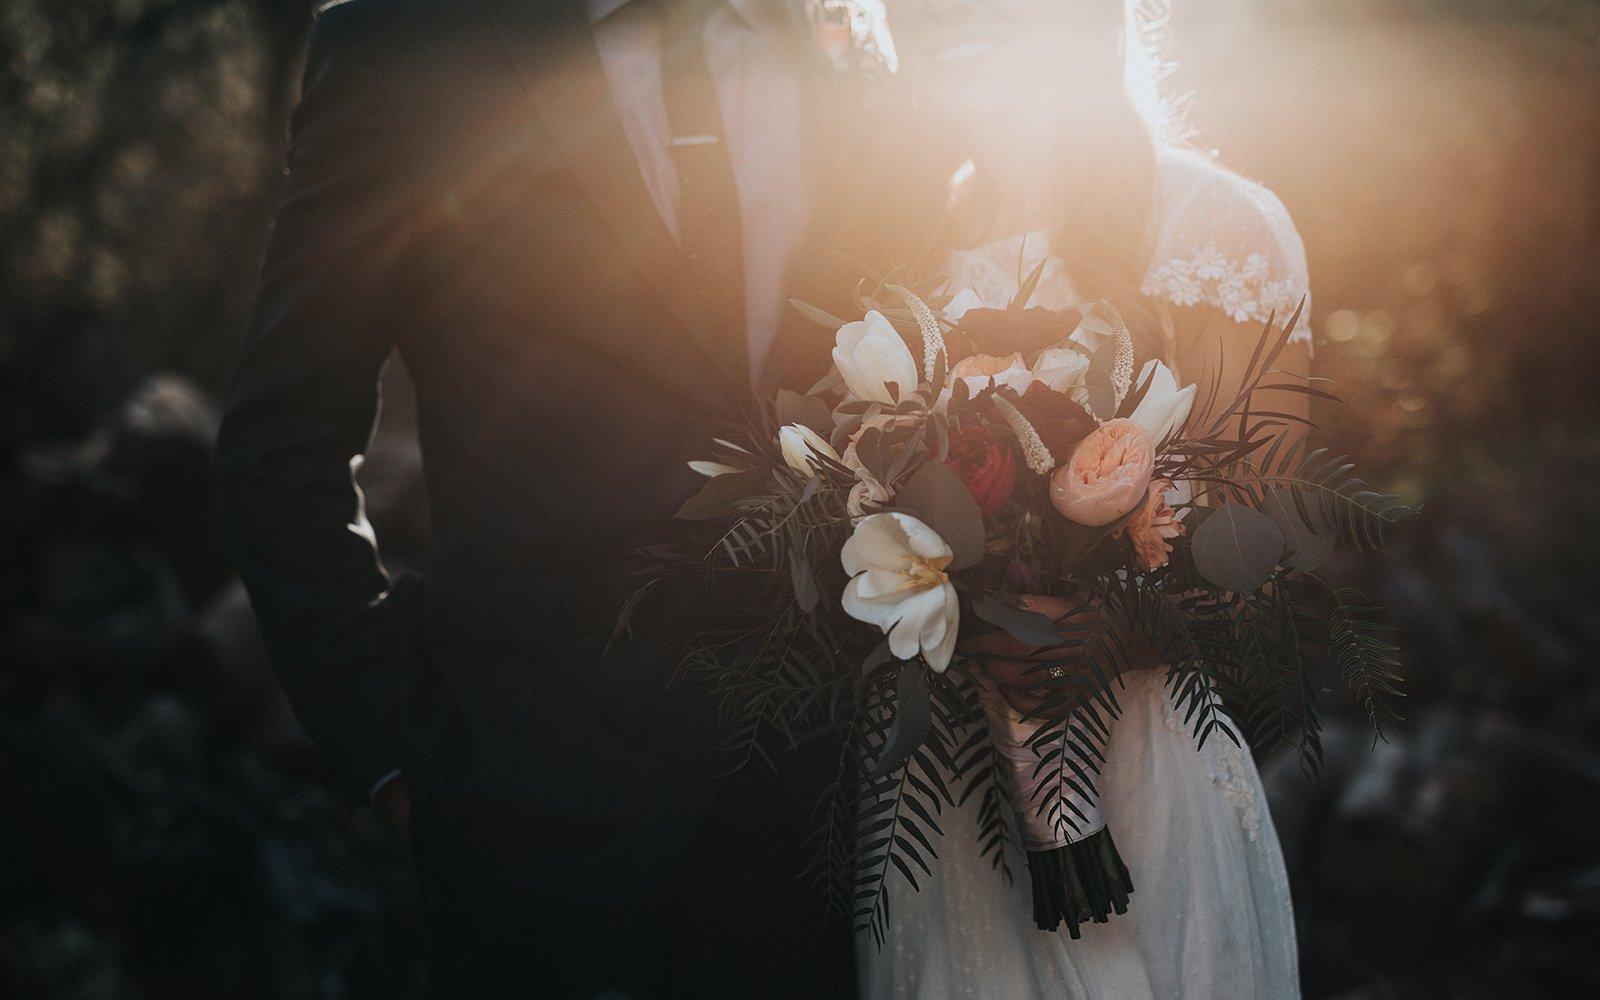 Police Called on New Jersey Wedding Photographer Shooting 'Backyard Wedding'